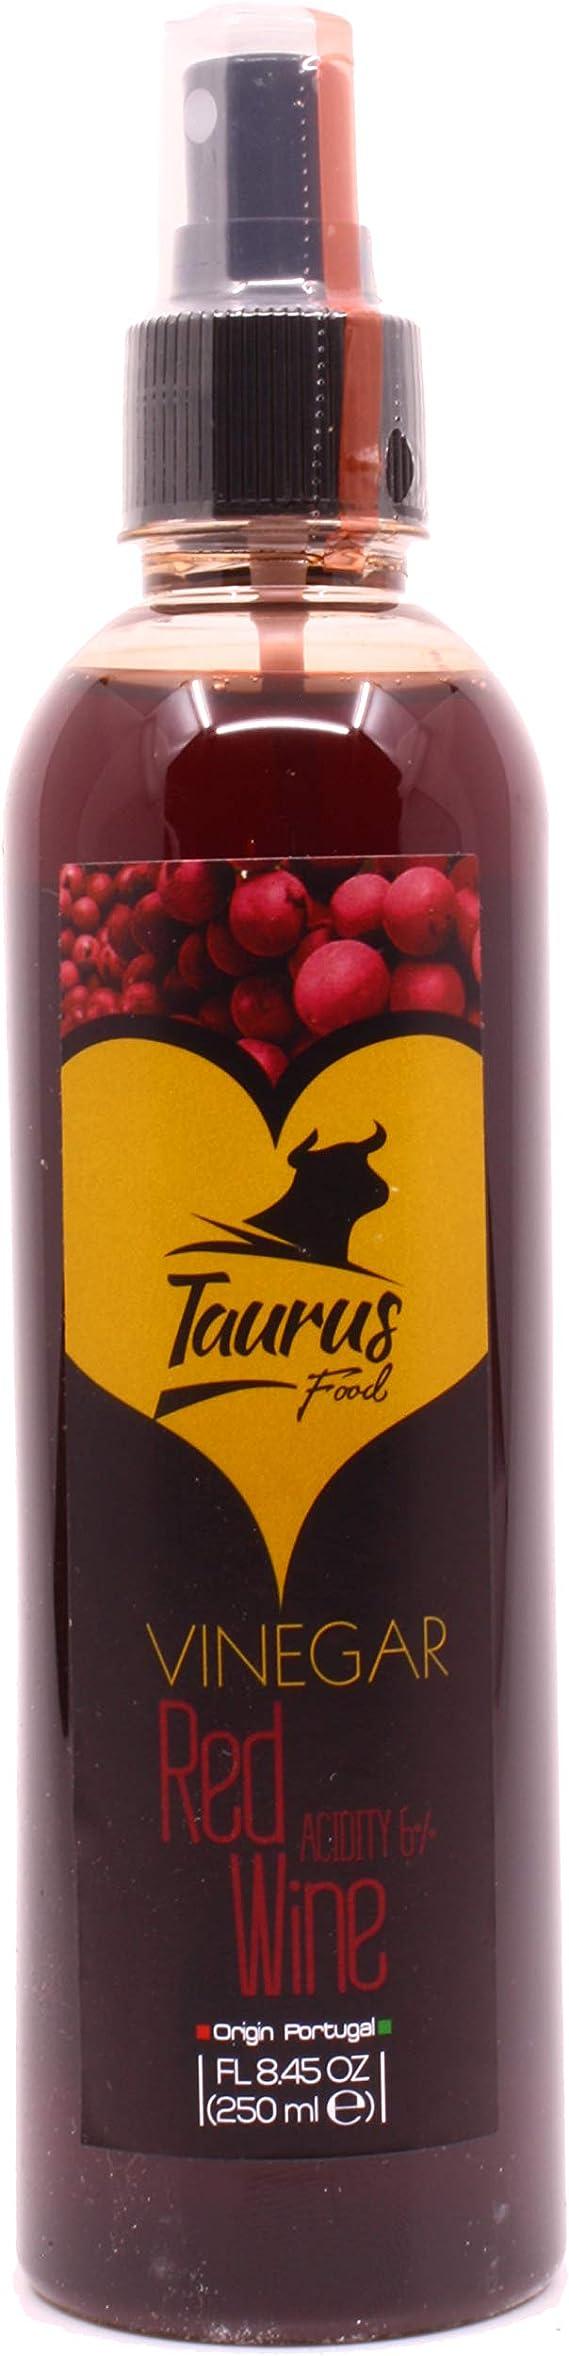 Portuguese Red Wine Vinegar